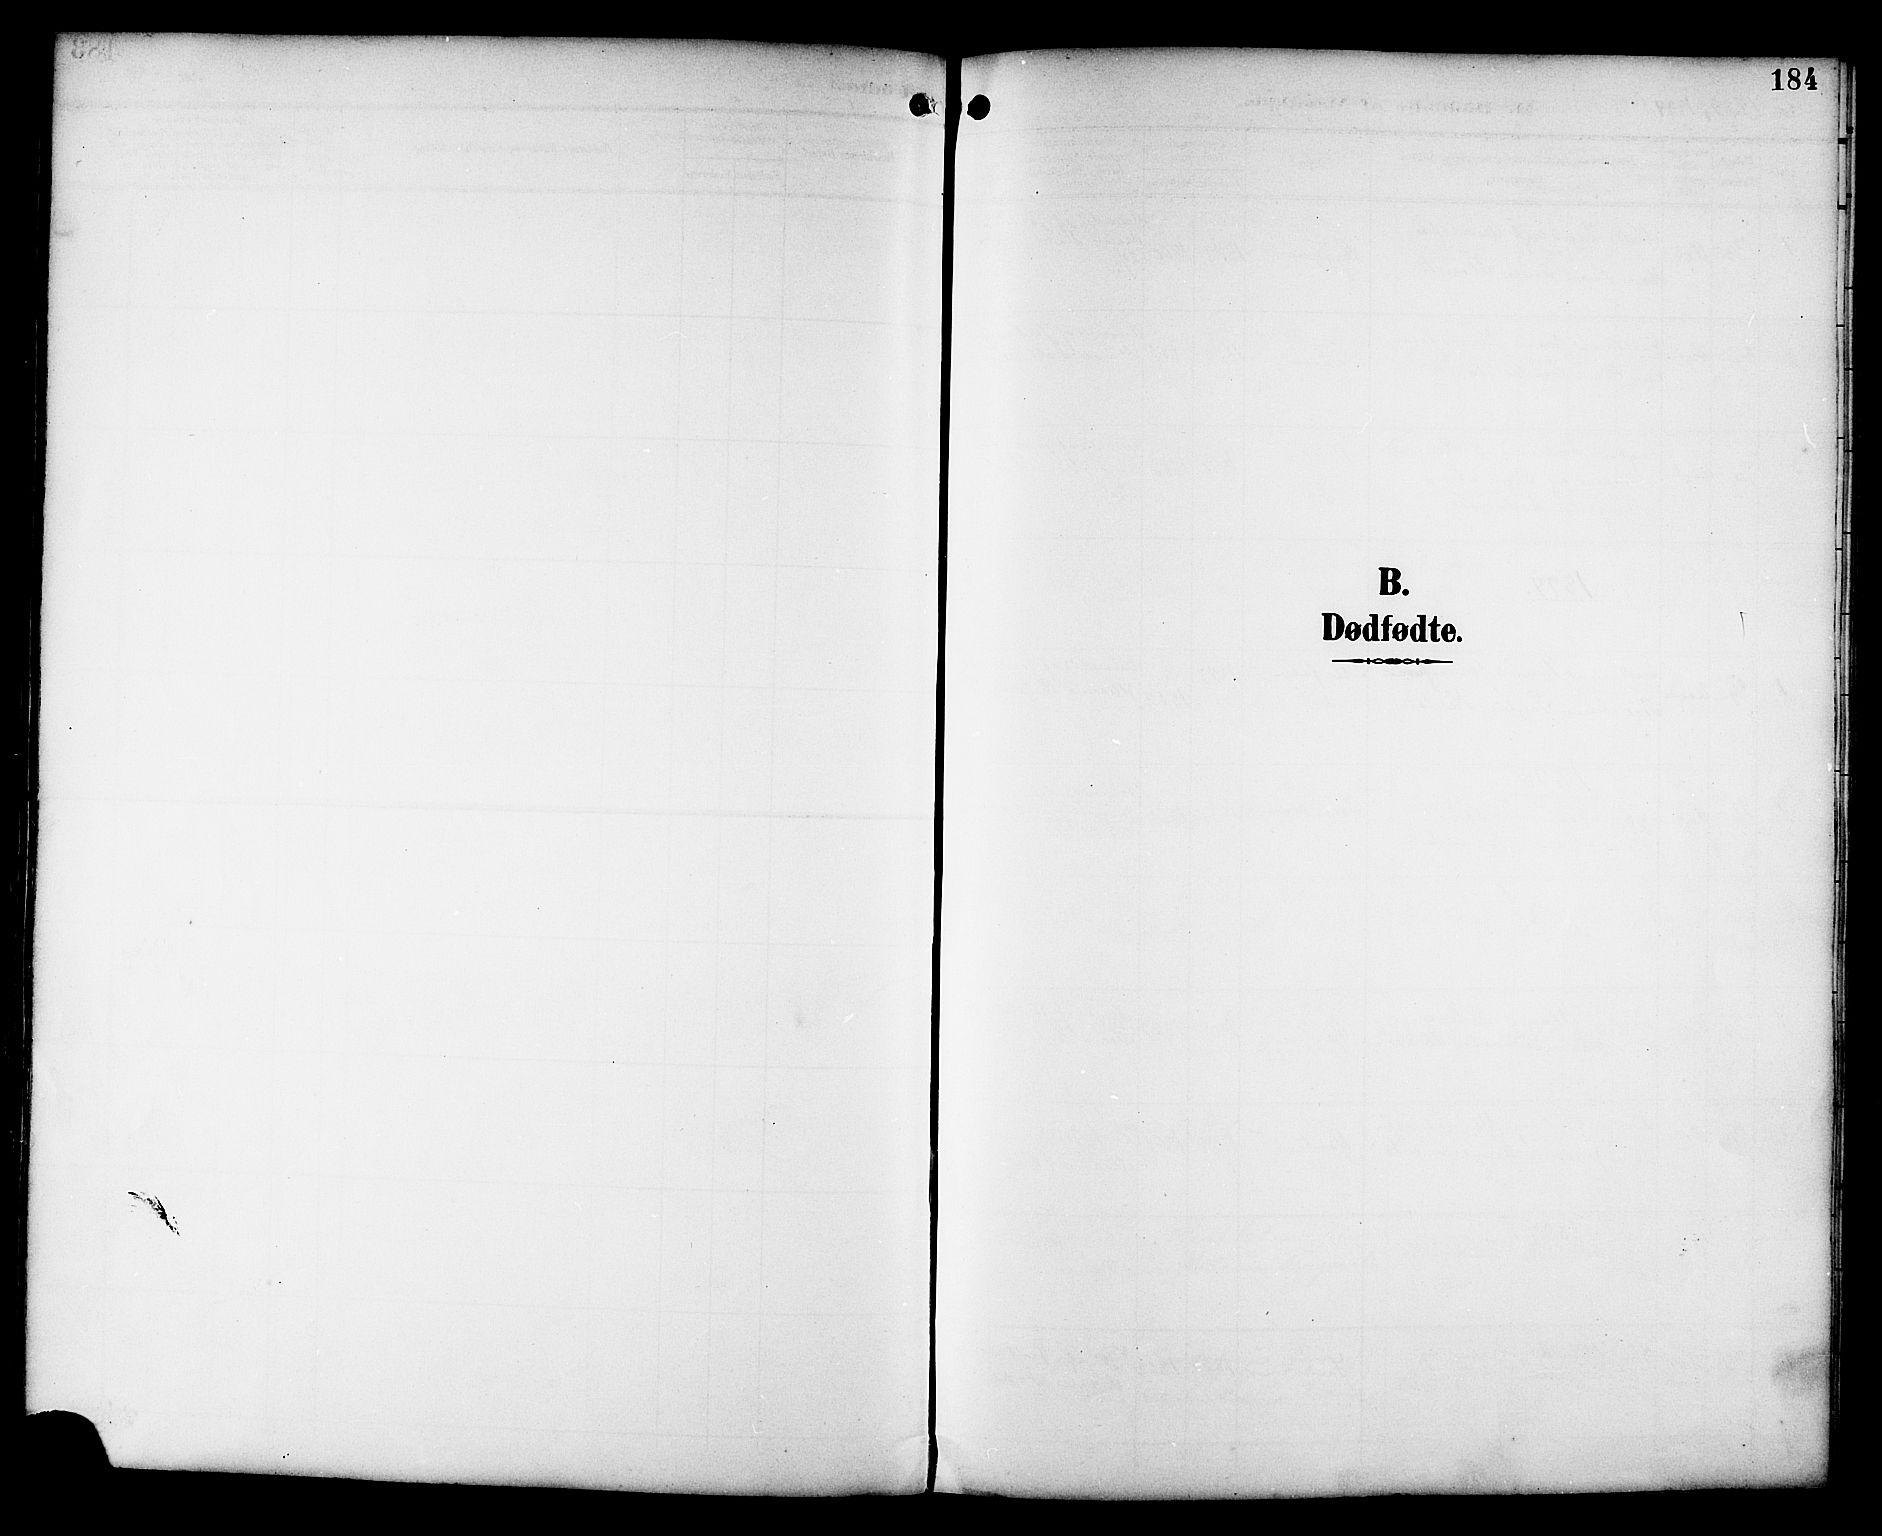 SAT, Ministerialprotokoller, klokkerbøker og fødselsregistre - Sør-Trøndelag, 659/L0746: Klokkerbok nr. 659C03, 1893-1912, s. 184